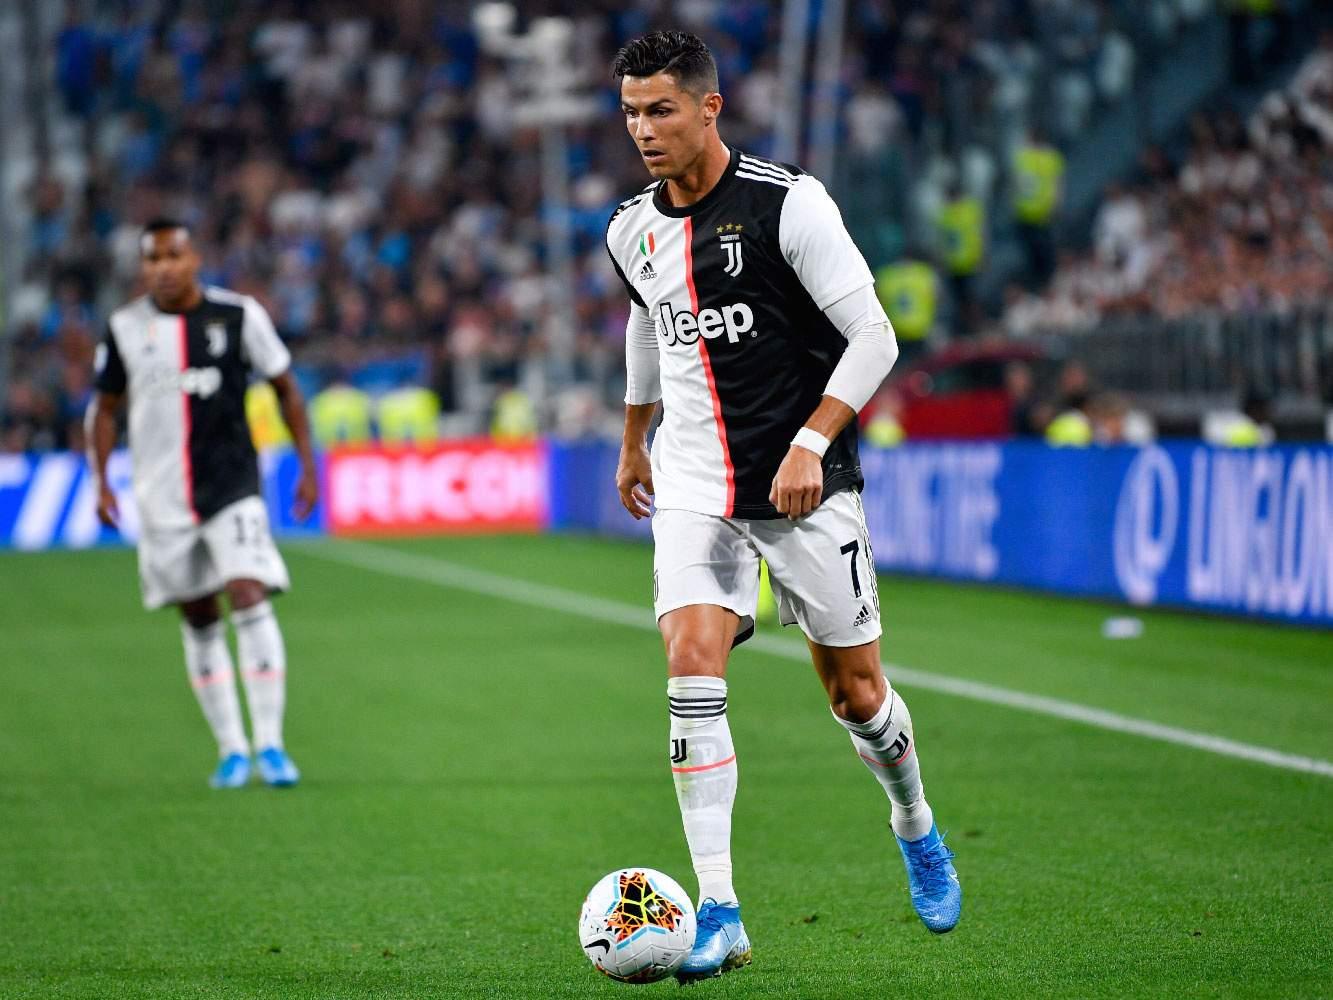 Роналду: «Всегда классно начинать сезон с победы»